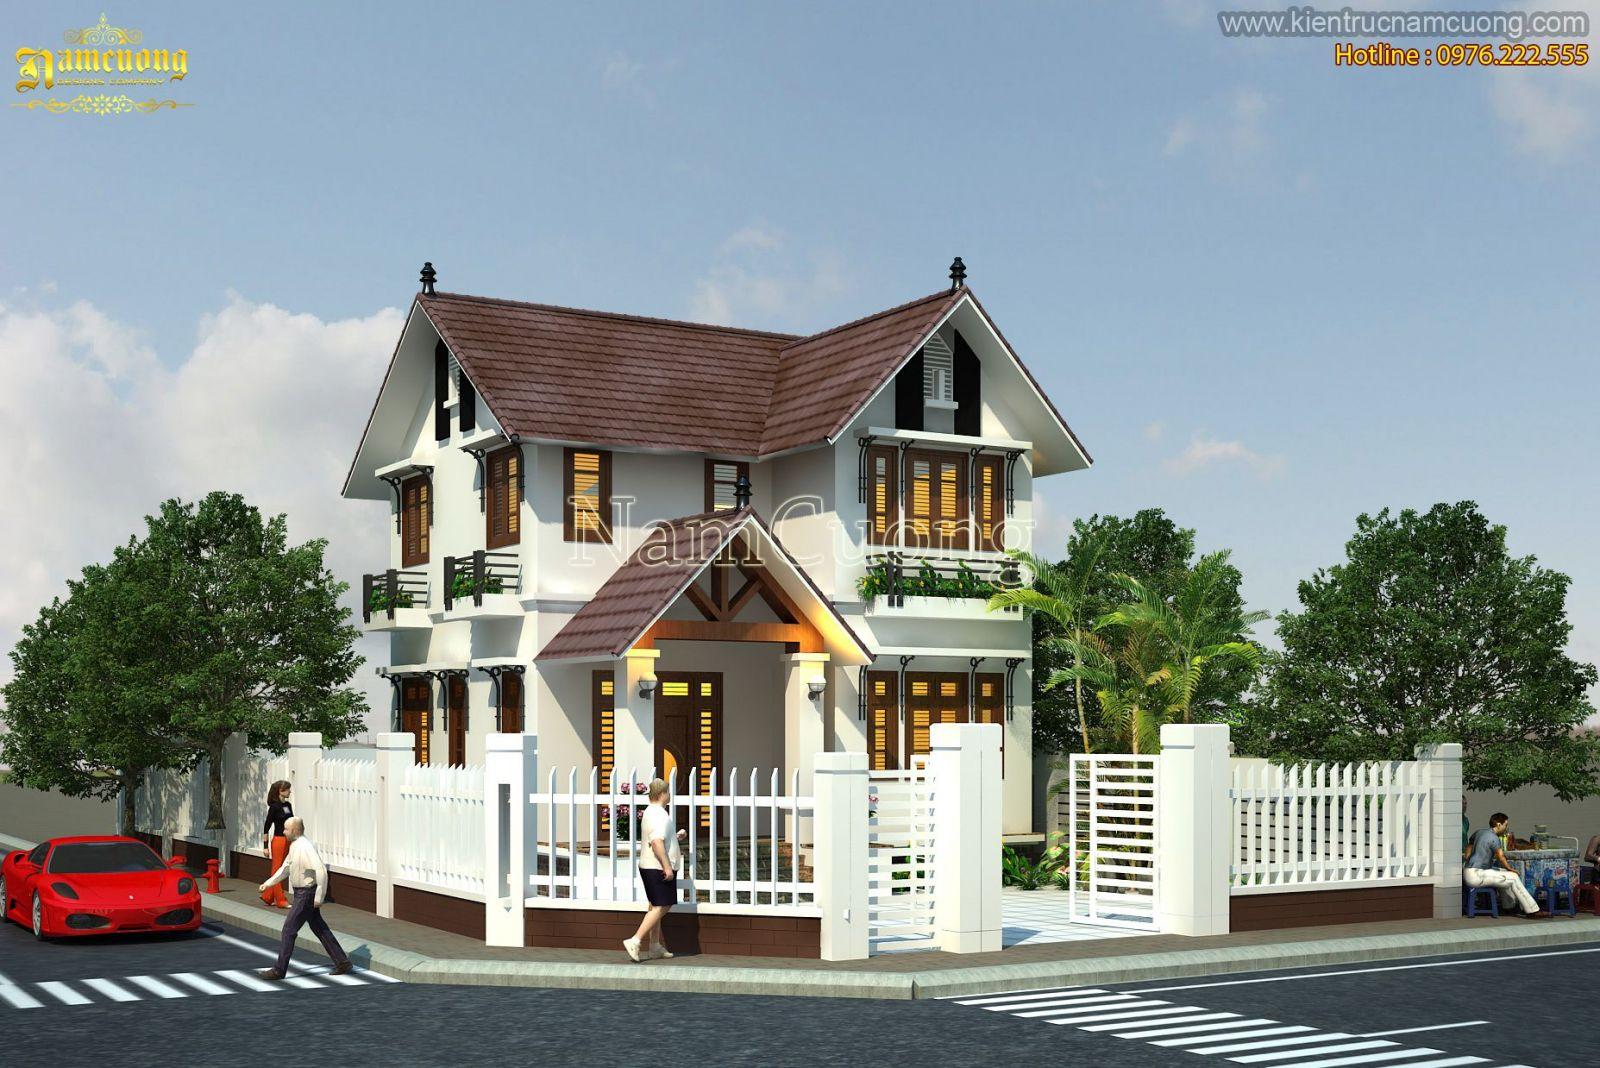 Thiết kế biệt thự tân cổ điển 2 tầng tại Hải Phòng - BTCD 010